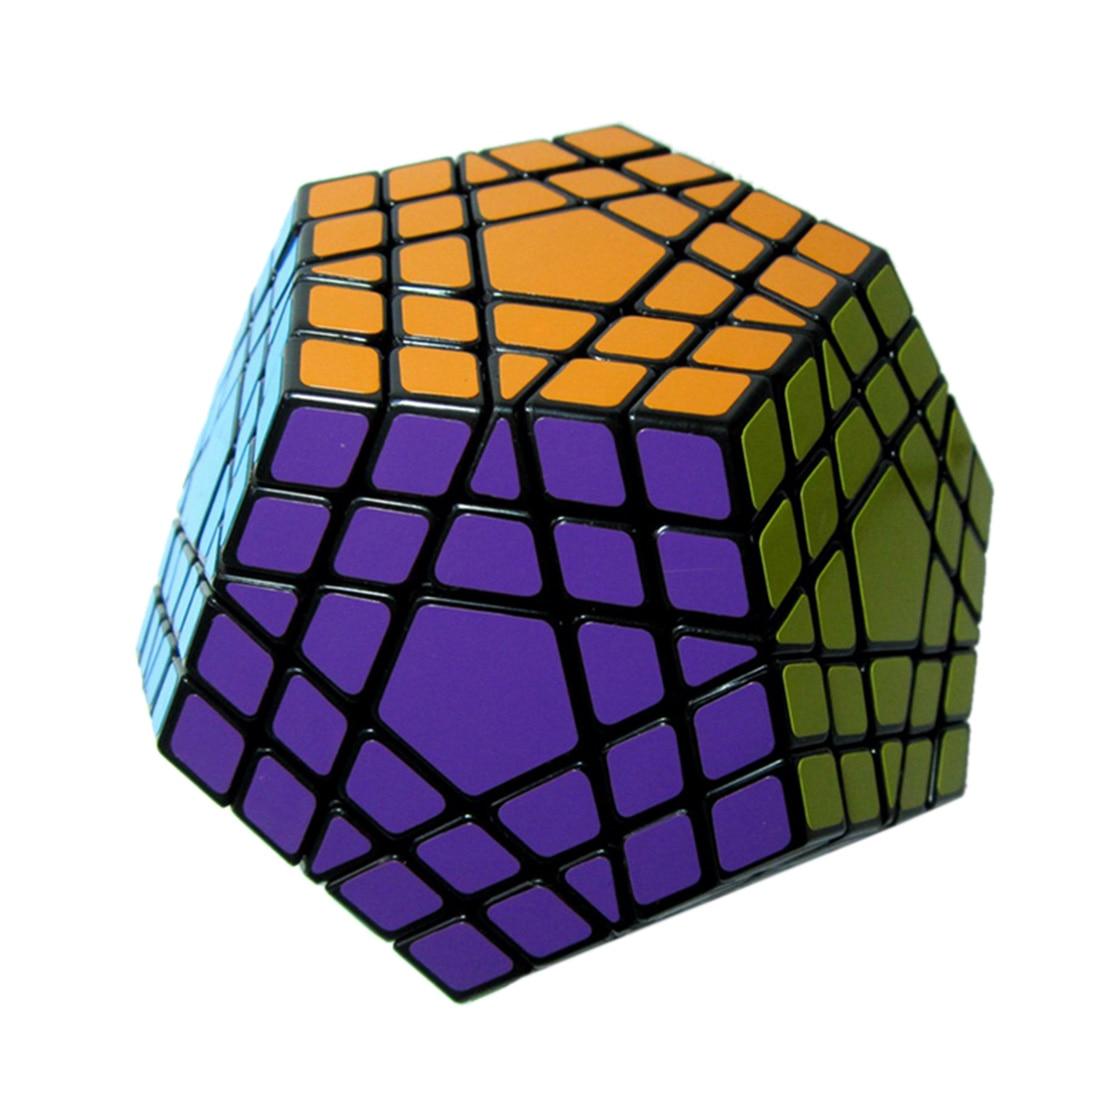 Высокое качество Dodecahedron 12 односторонняя скорость магический куб 5 слоев головоломка 5x5 Головоломка Развивающие игрушки для детей